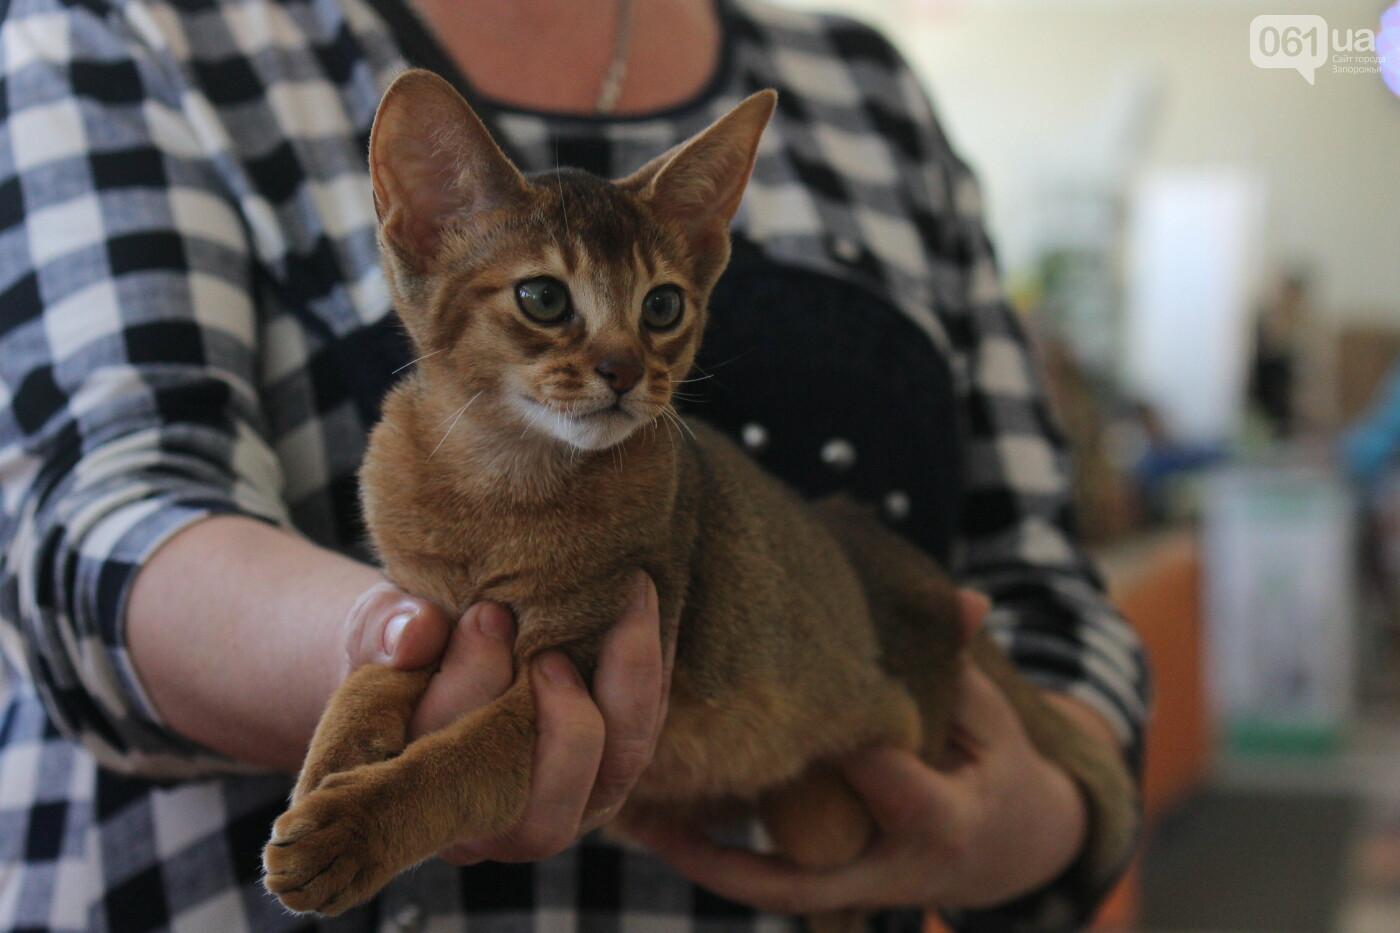 В Запорожье на выставке кошек показали 130 питомцев со всей Украины, – ФОТОРЕПОРТАЖ, фото-10